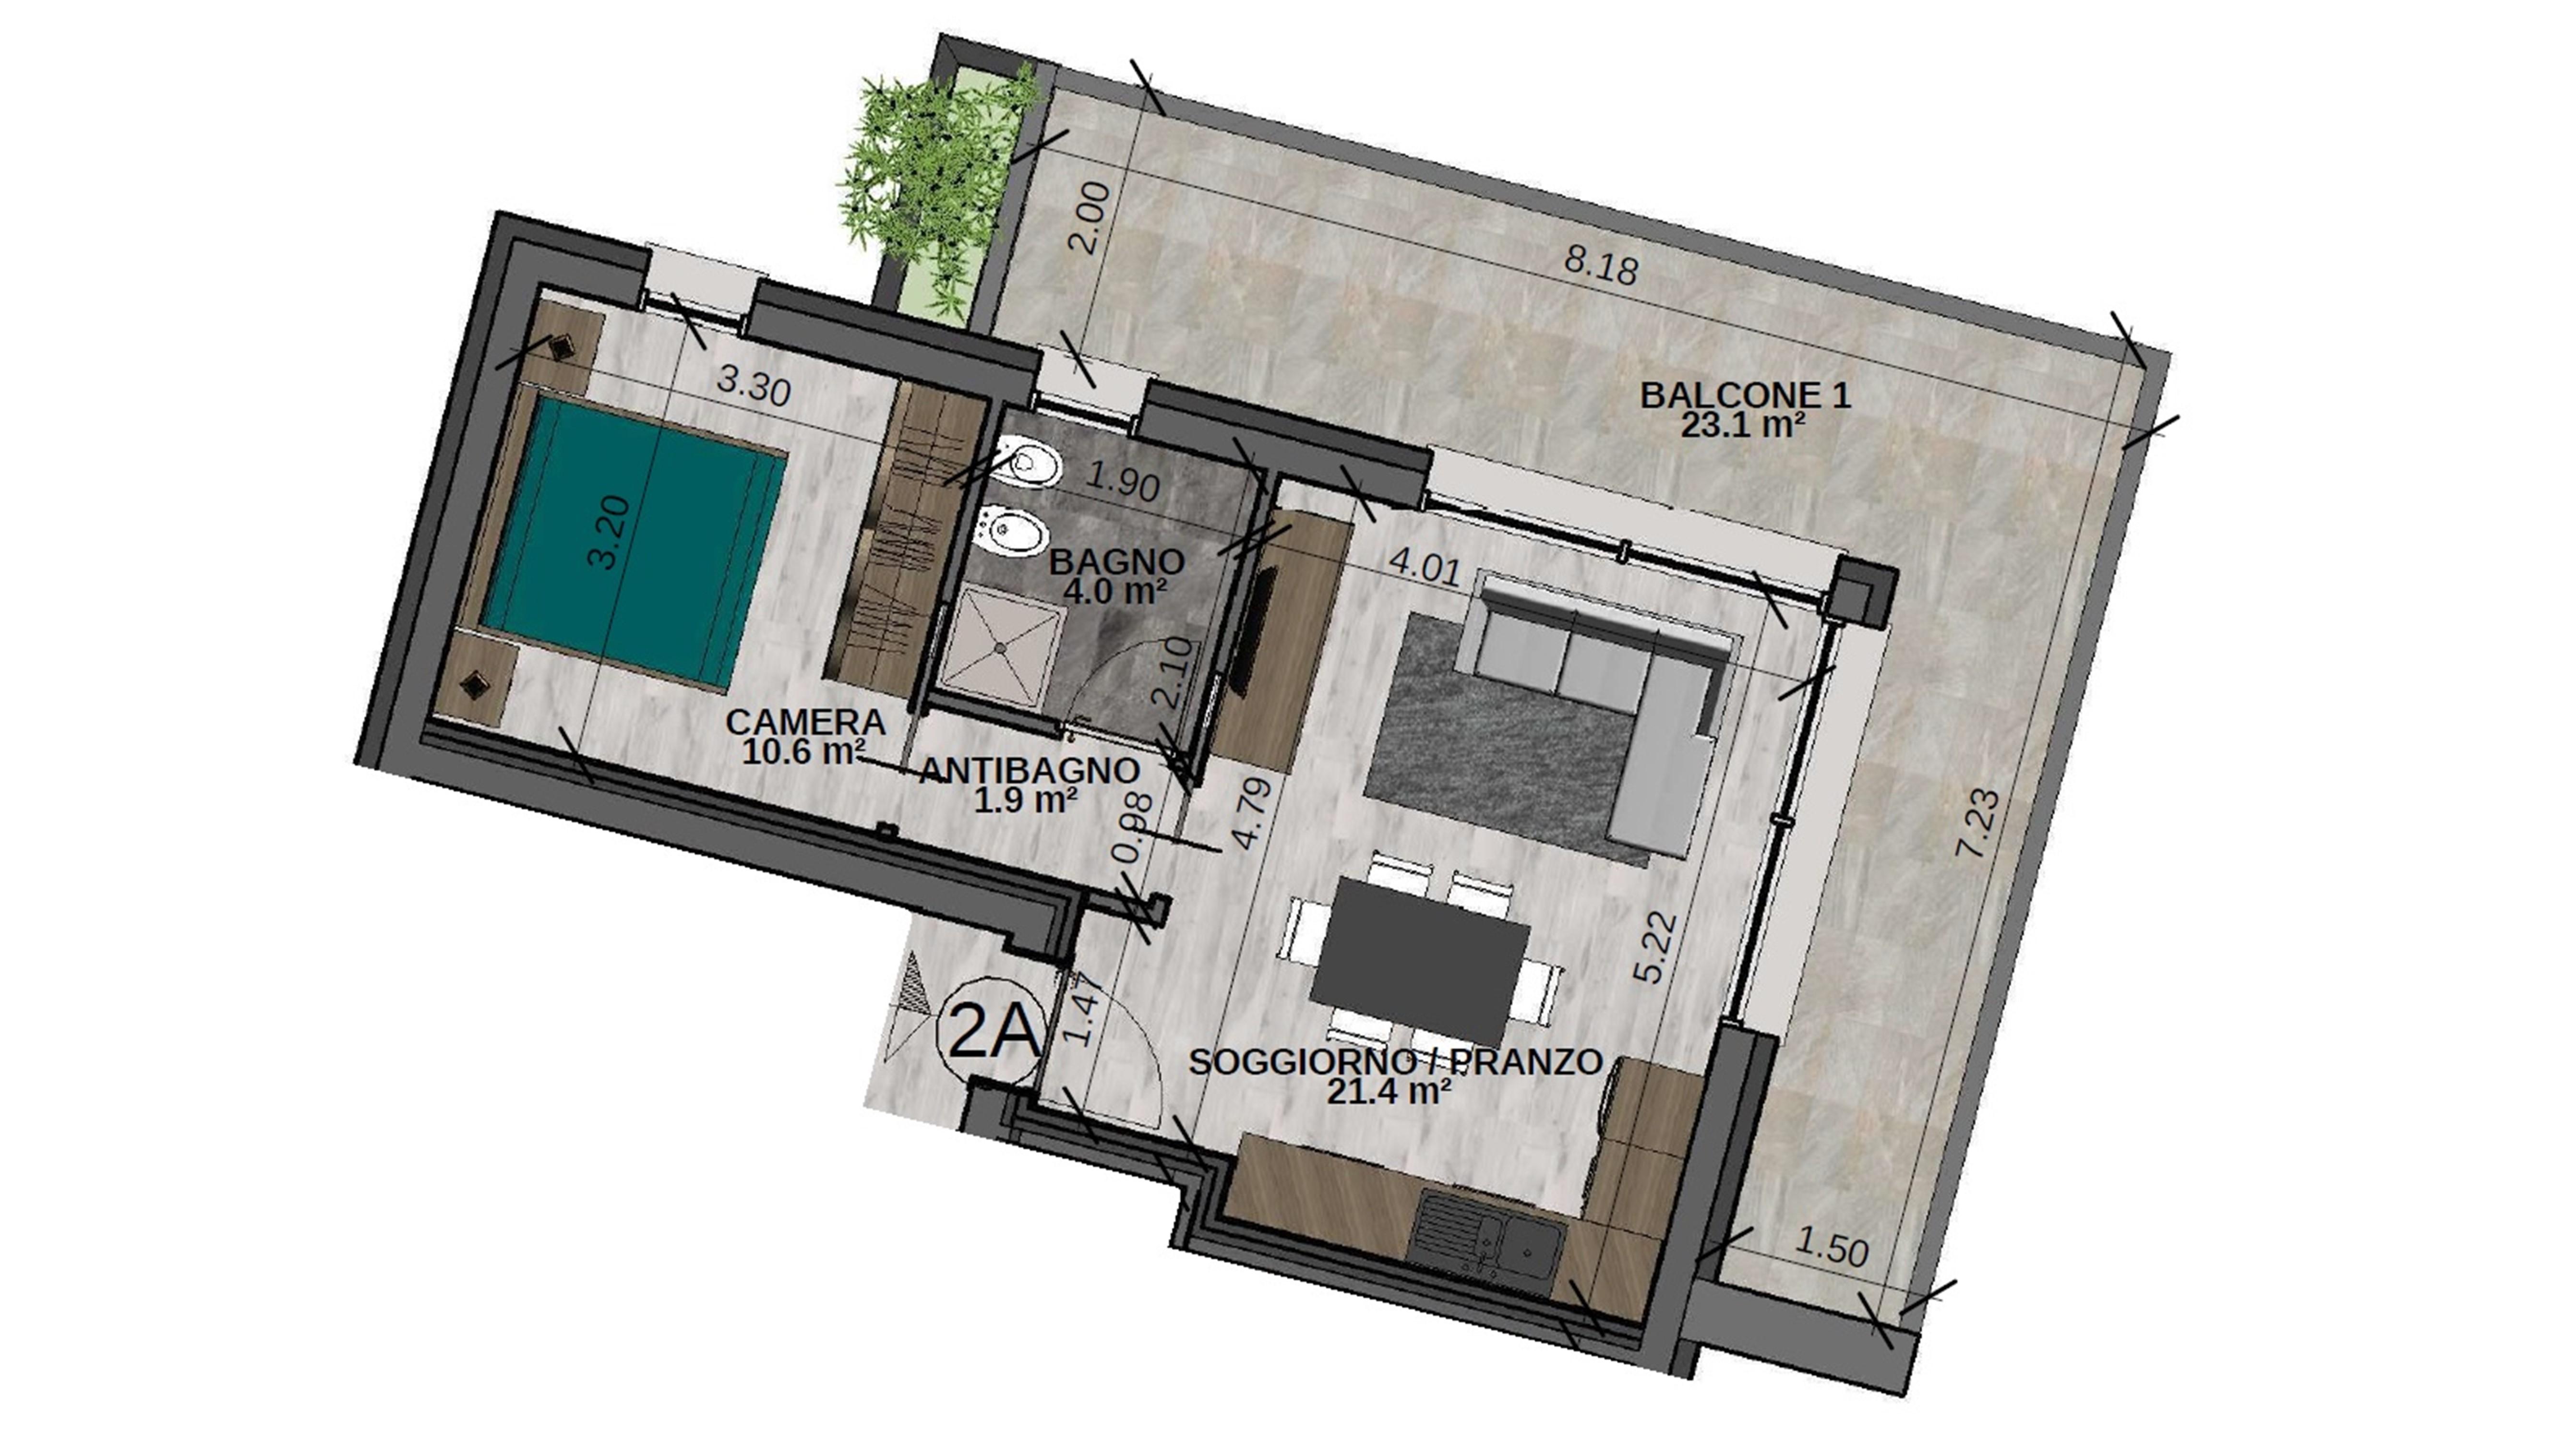 VARIANTE: Bilocale 2A Piano Secondo - Sup. comm. 60 mq - 220.000 €